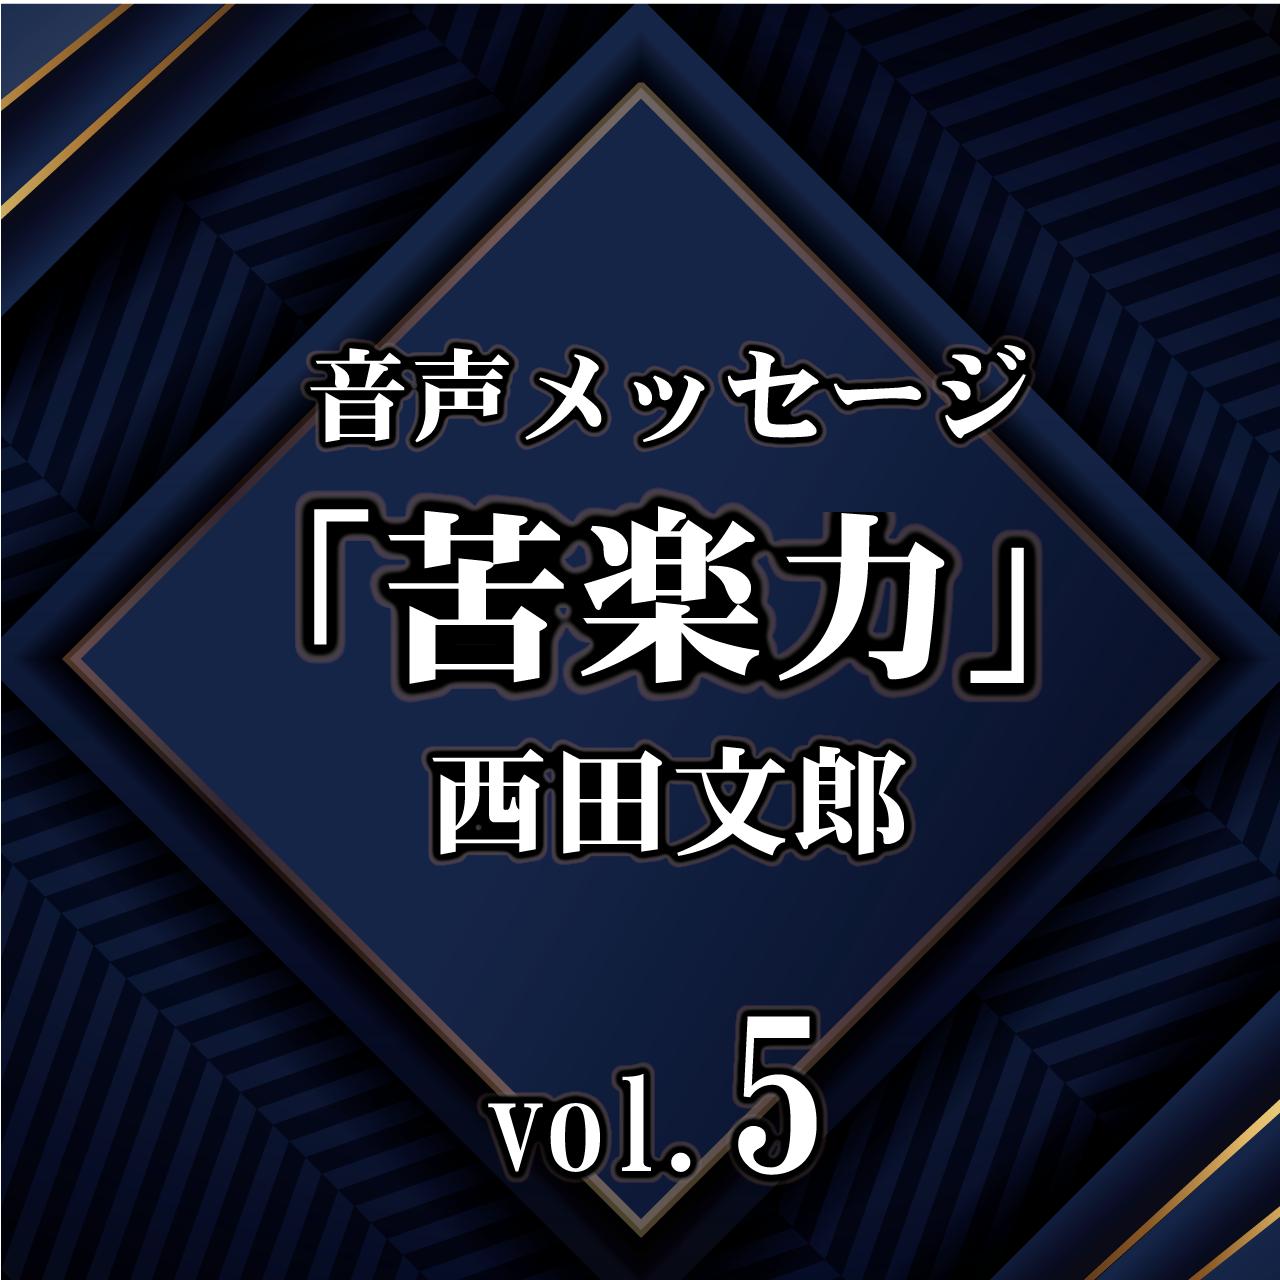 西田文郎 音声メッセージvol.5『苦楽力』